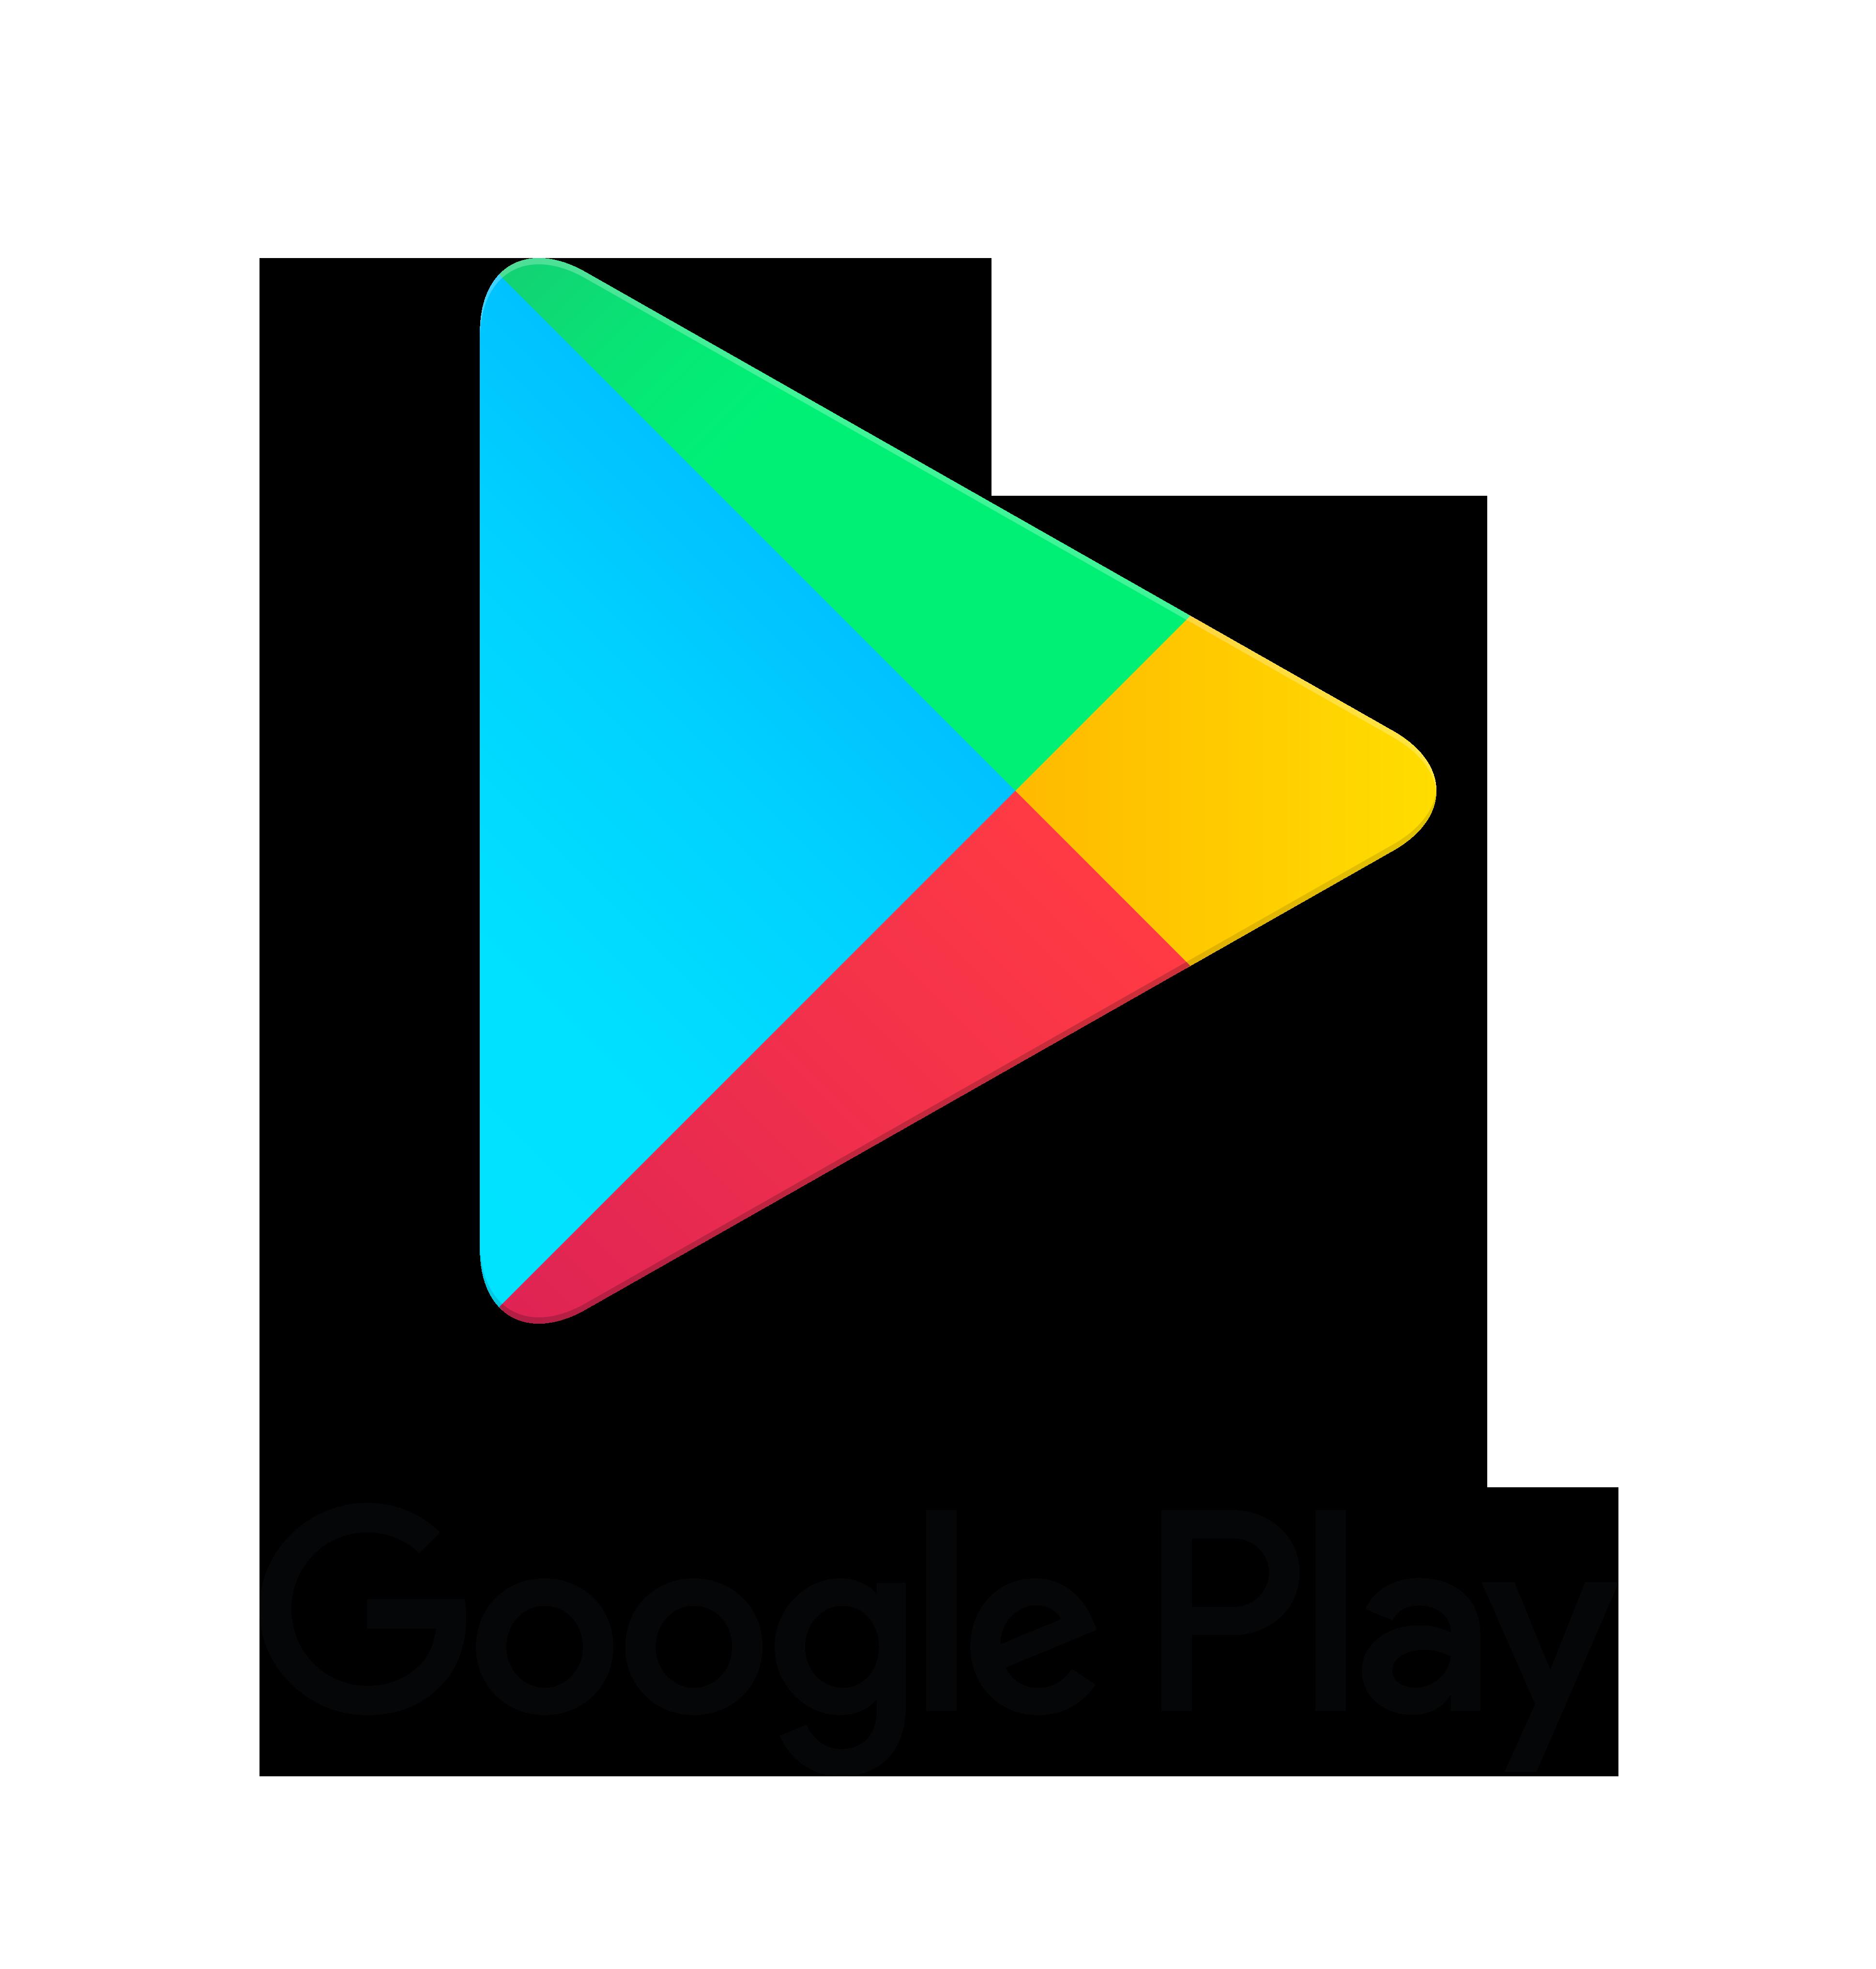 PayPalでGoogle Play ストア で使える300円割引きクーポンを配信中。アプリが安く買えるぞ。~2020/1/31。